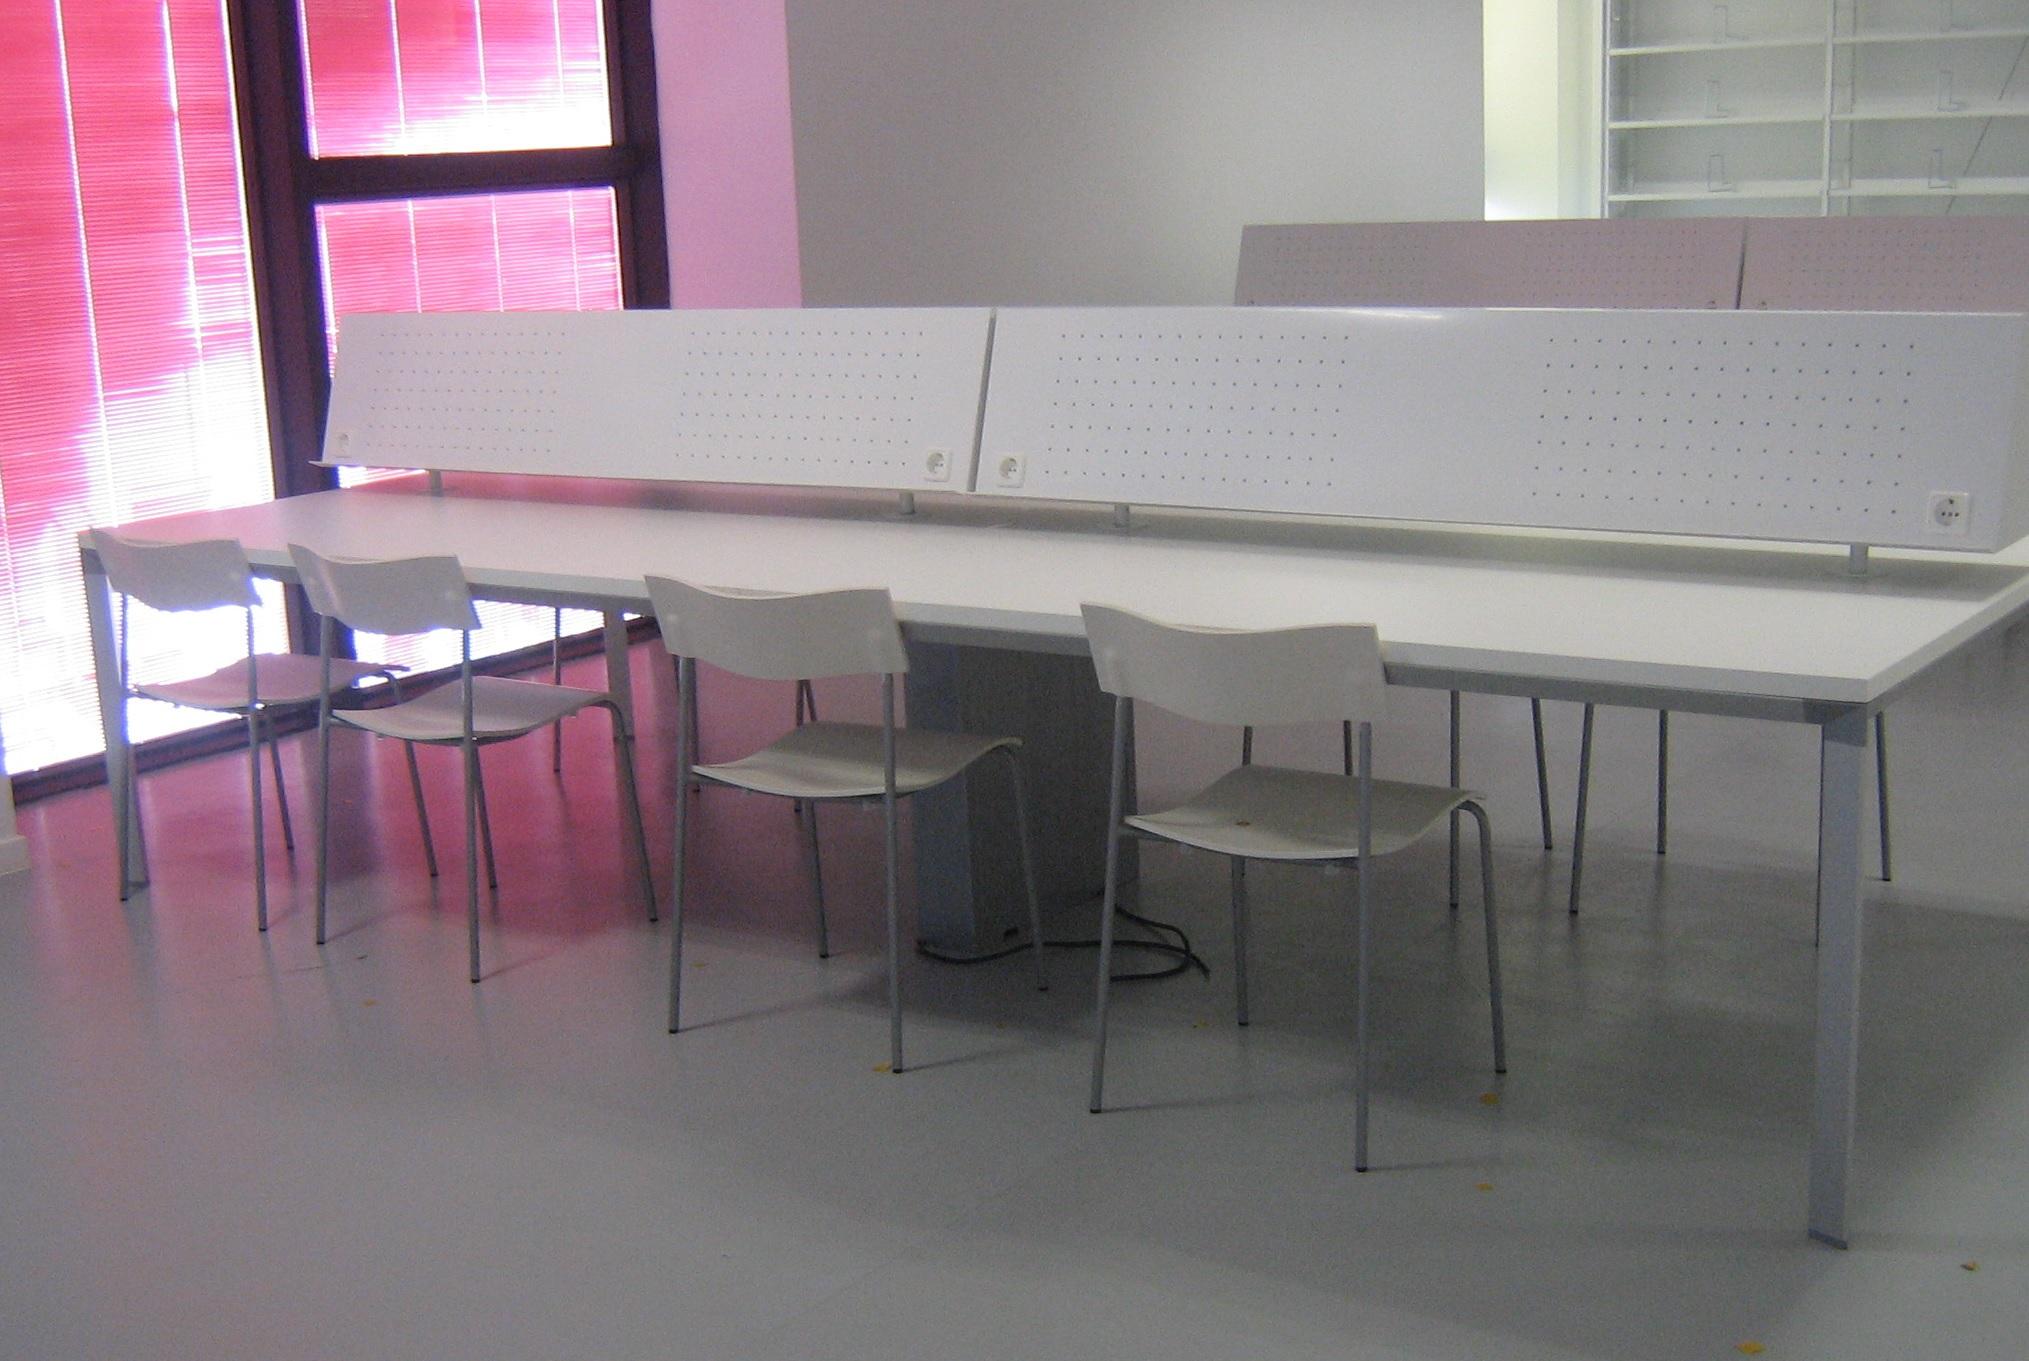 Fabricacion de muebles metalicos a medida en madrid y toledo - Muebles a medida en madrid ...